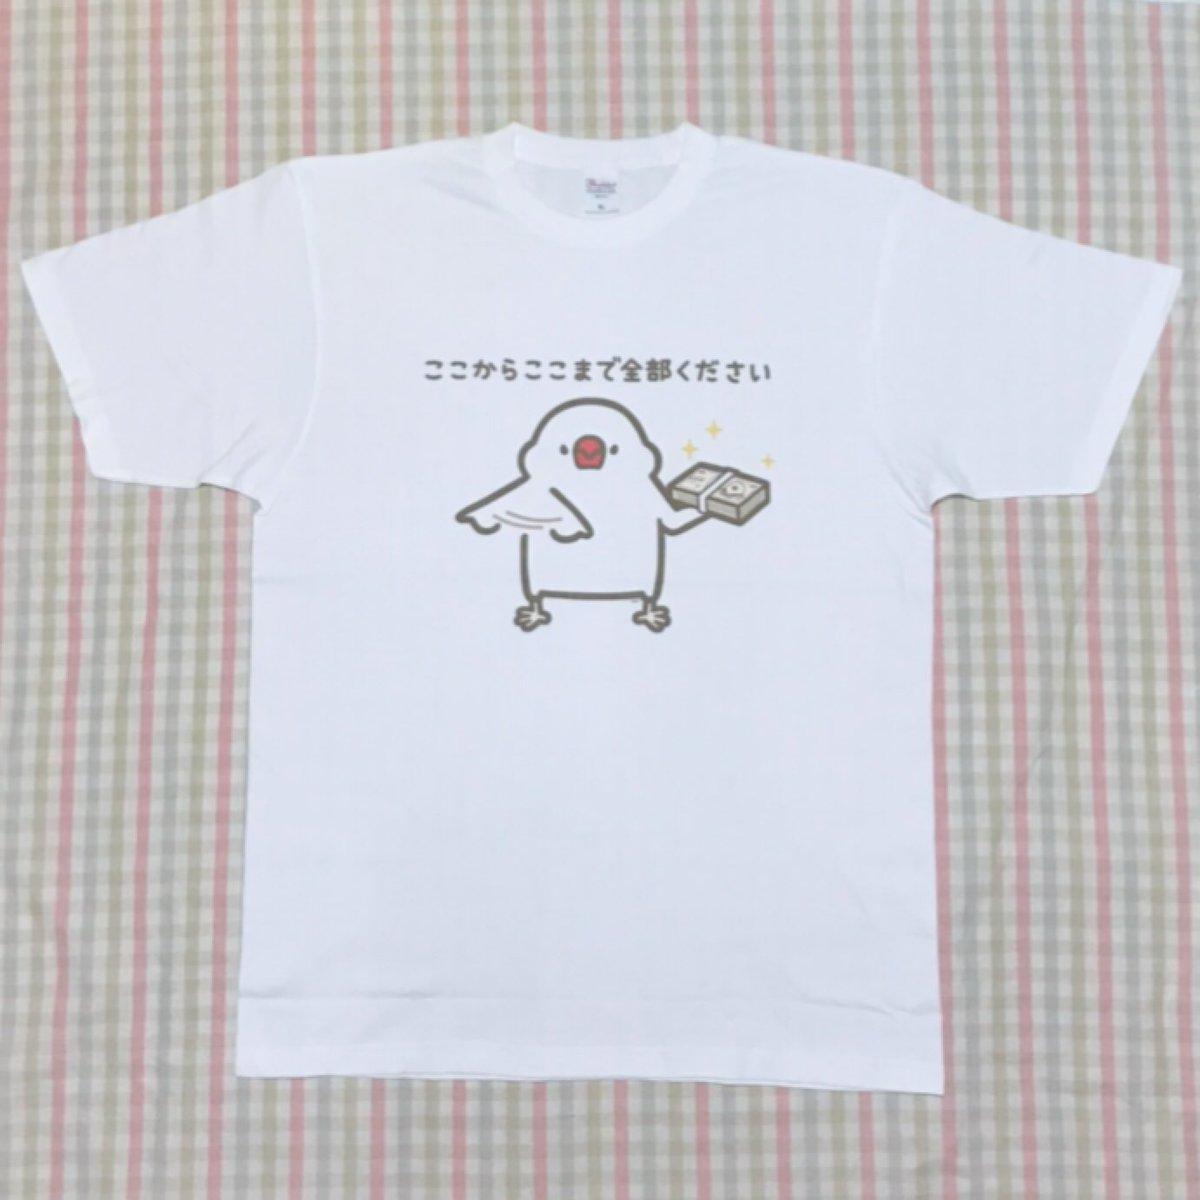 いよいよ今週末は  #鳥フェス大阪  お得な前売券もあります https://t.co/8KlEzd0t2j  新作「ここからここまで全部ください」Tシャツです♪ これを着てお買い物なんていかがですか?  同じ絵柄のトートバッグもありますが、写真撮り忘れて宅急便送ってしまいました笑  #鳥フェス #文鳥 #白文鳥 https://t.co/XCQ15PIHTf